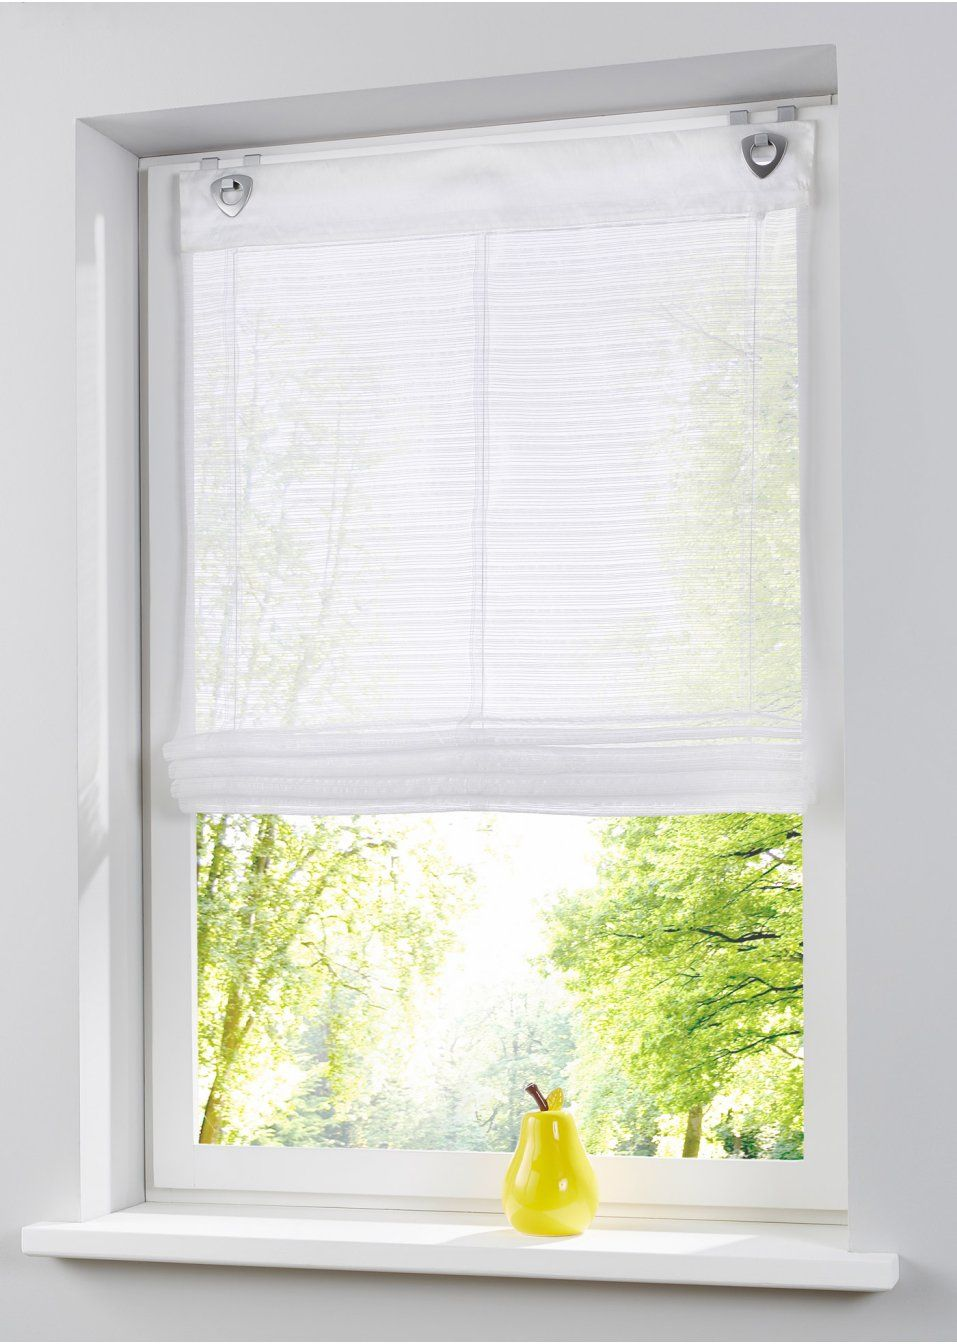 Bekijk nu:Transparant ophaalgordijn met mooie streepjes. Met de ...